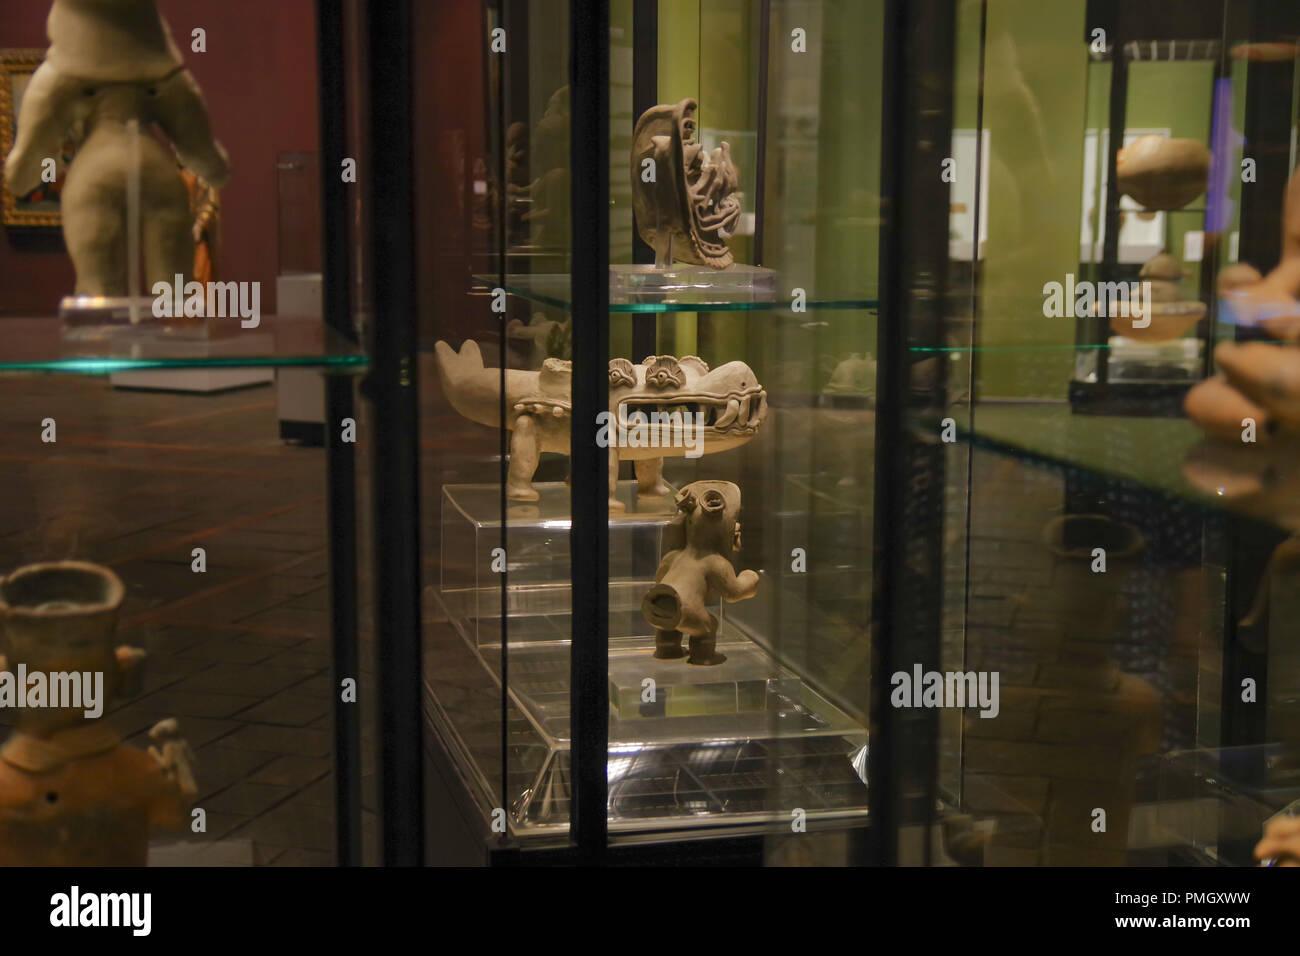 QUITO, ECUADOR - Agosto 17, 2018: vista interior de cerámica hecha a mano de ancienct Incas dentro de vitrinas en el Ágora museo ubicado en la Casa de la Cultura en Quito. Imagen De Stock